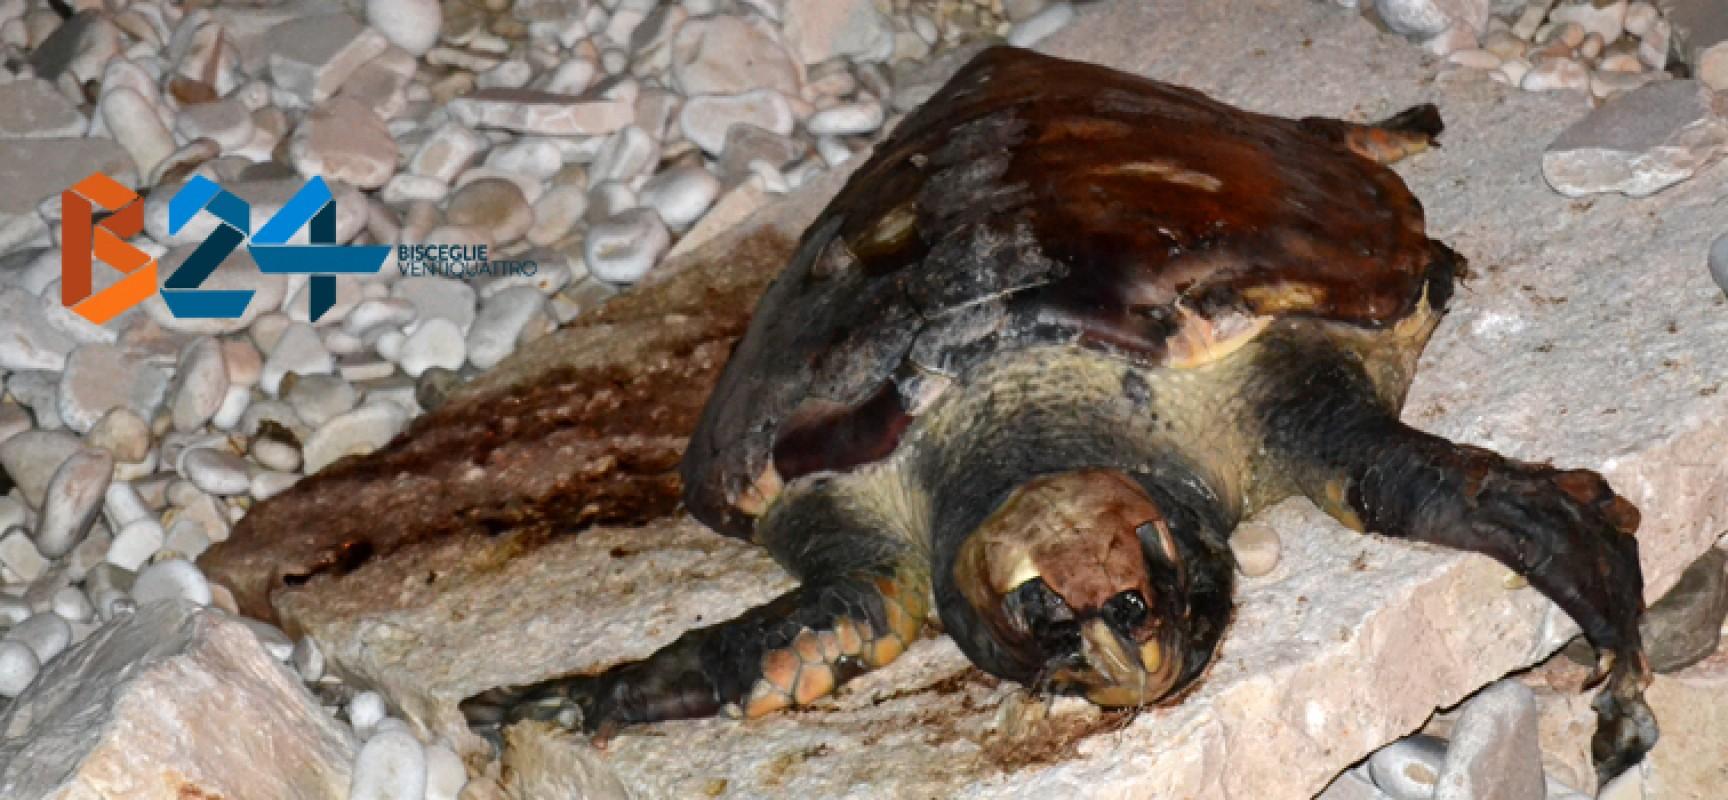 Ritrovata un'altra carcassa di tartaruga marina sulle coste biscegliesi